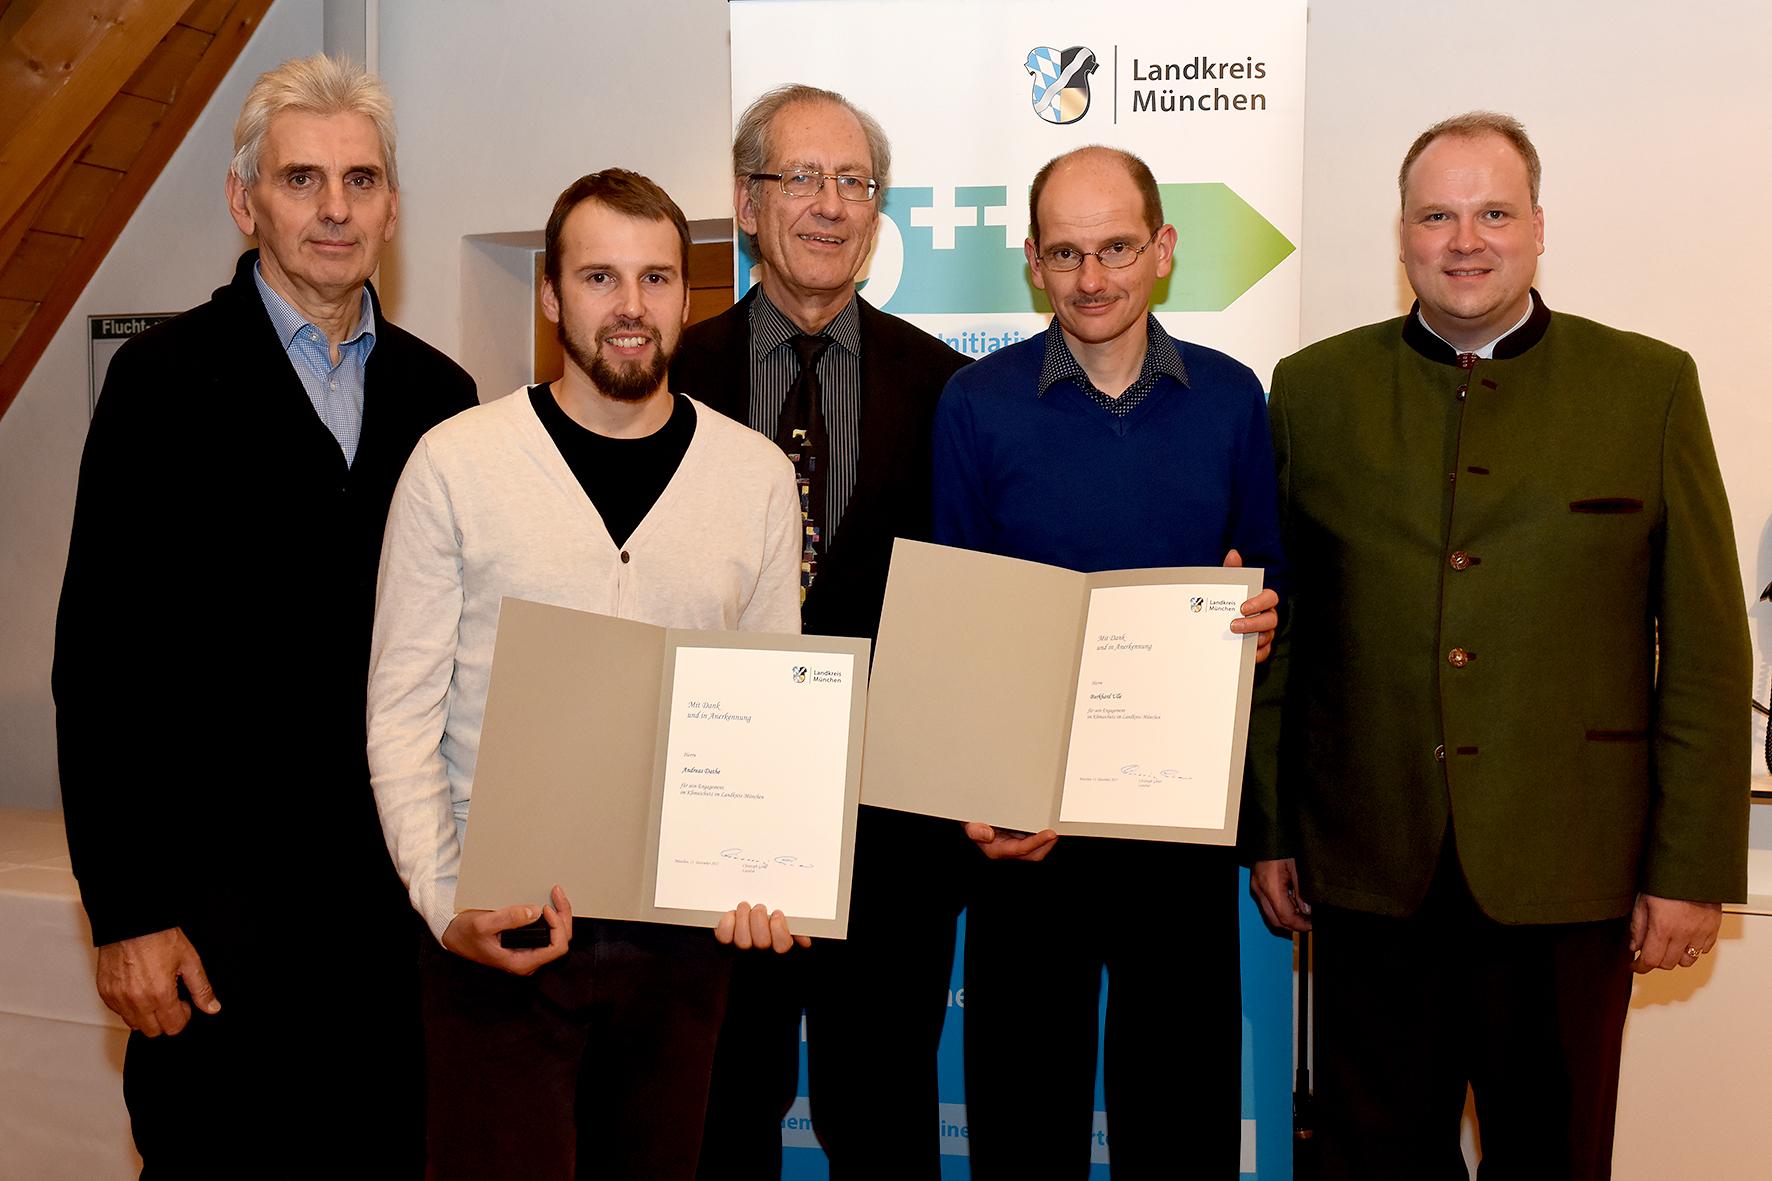 Foto: Medienzentrum München-Land